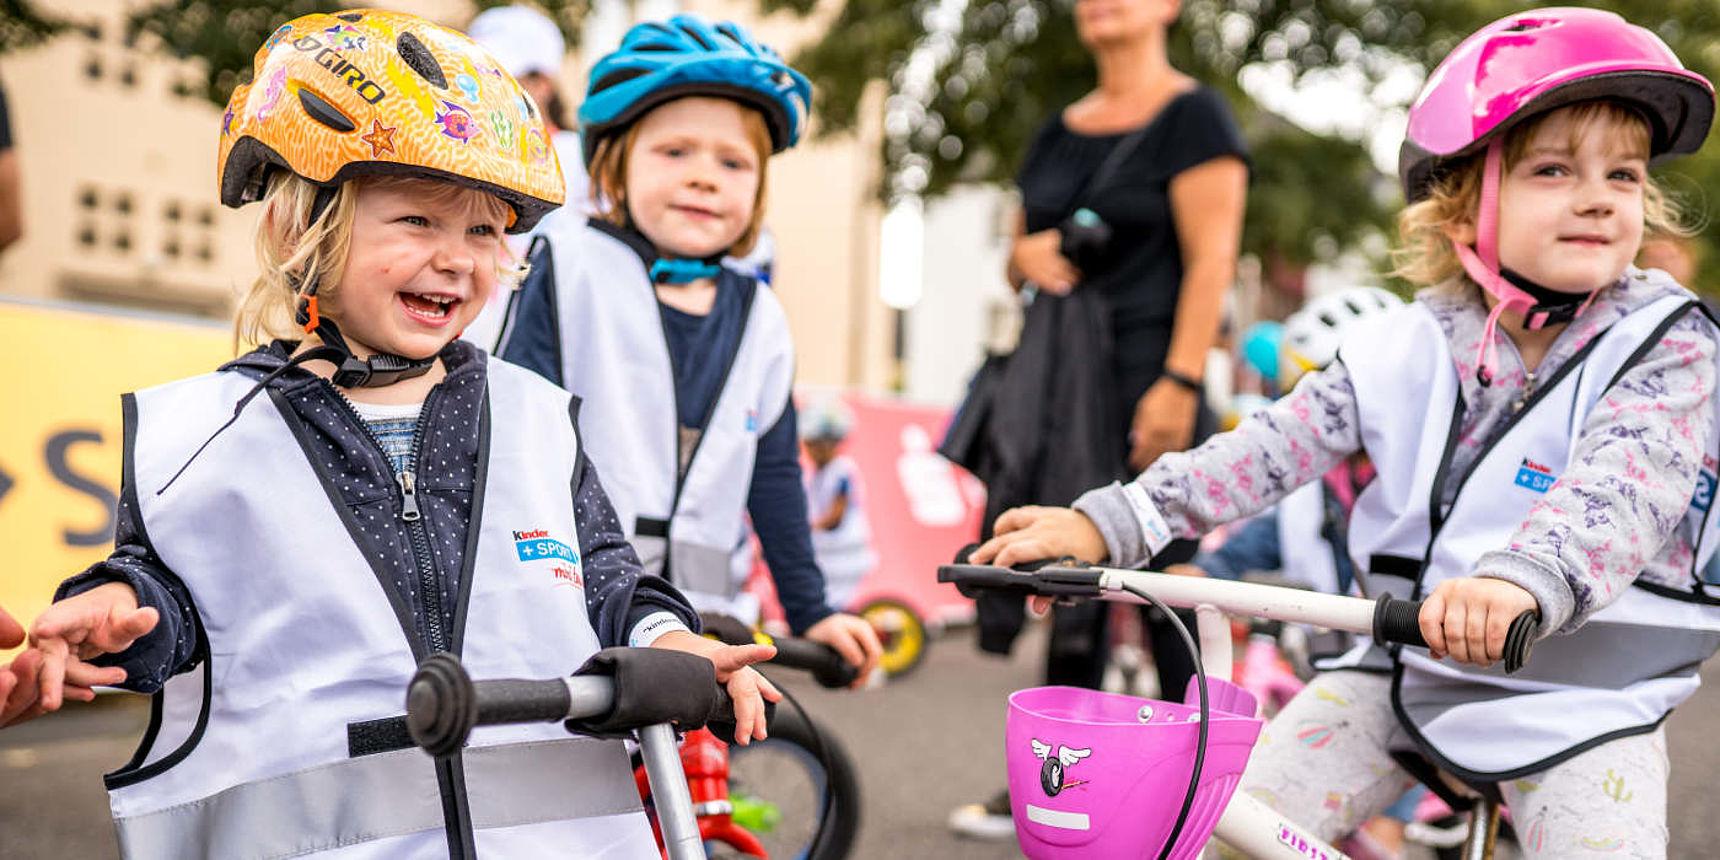 kinder+Sport Laufradrennen nah